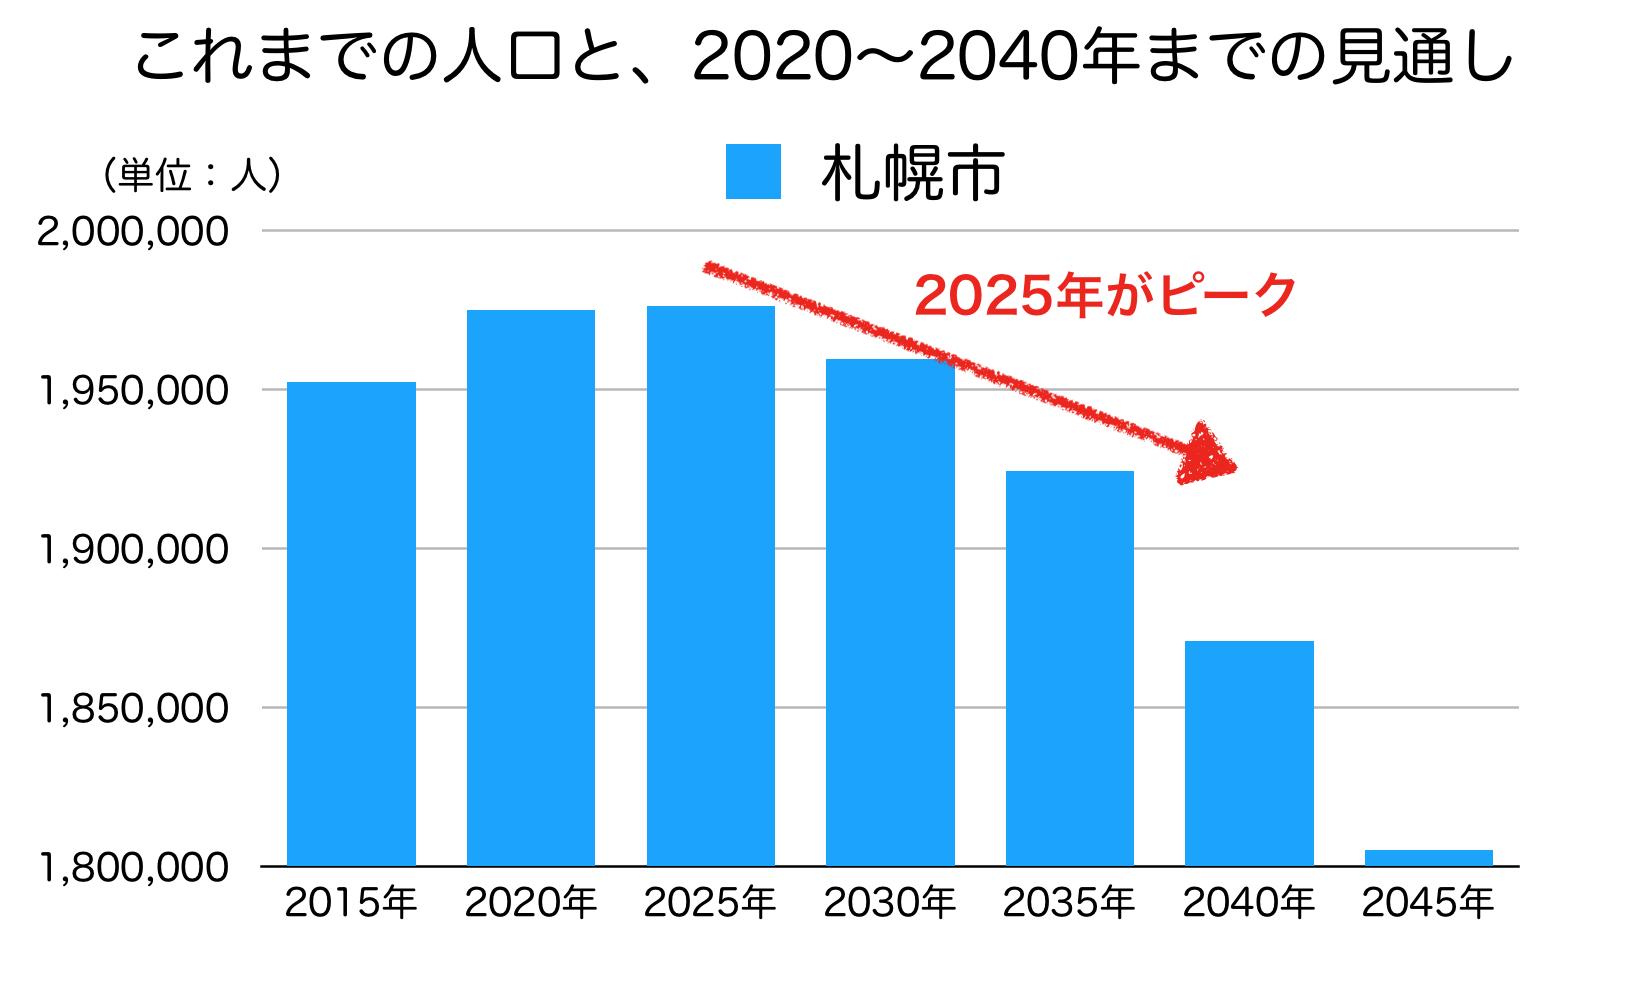 札幌市の人口の予測